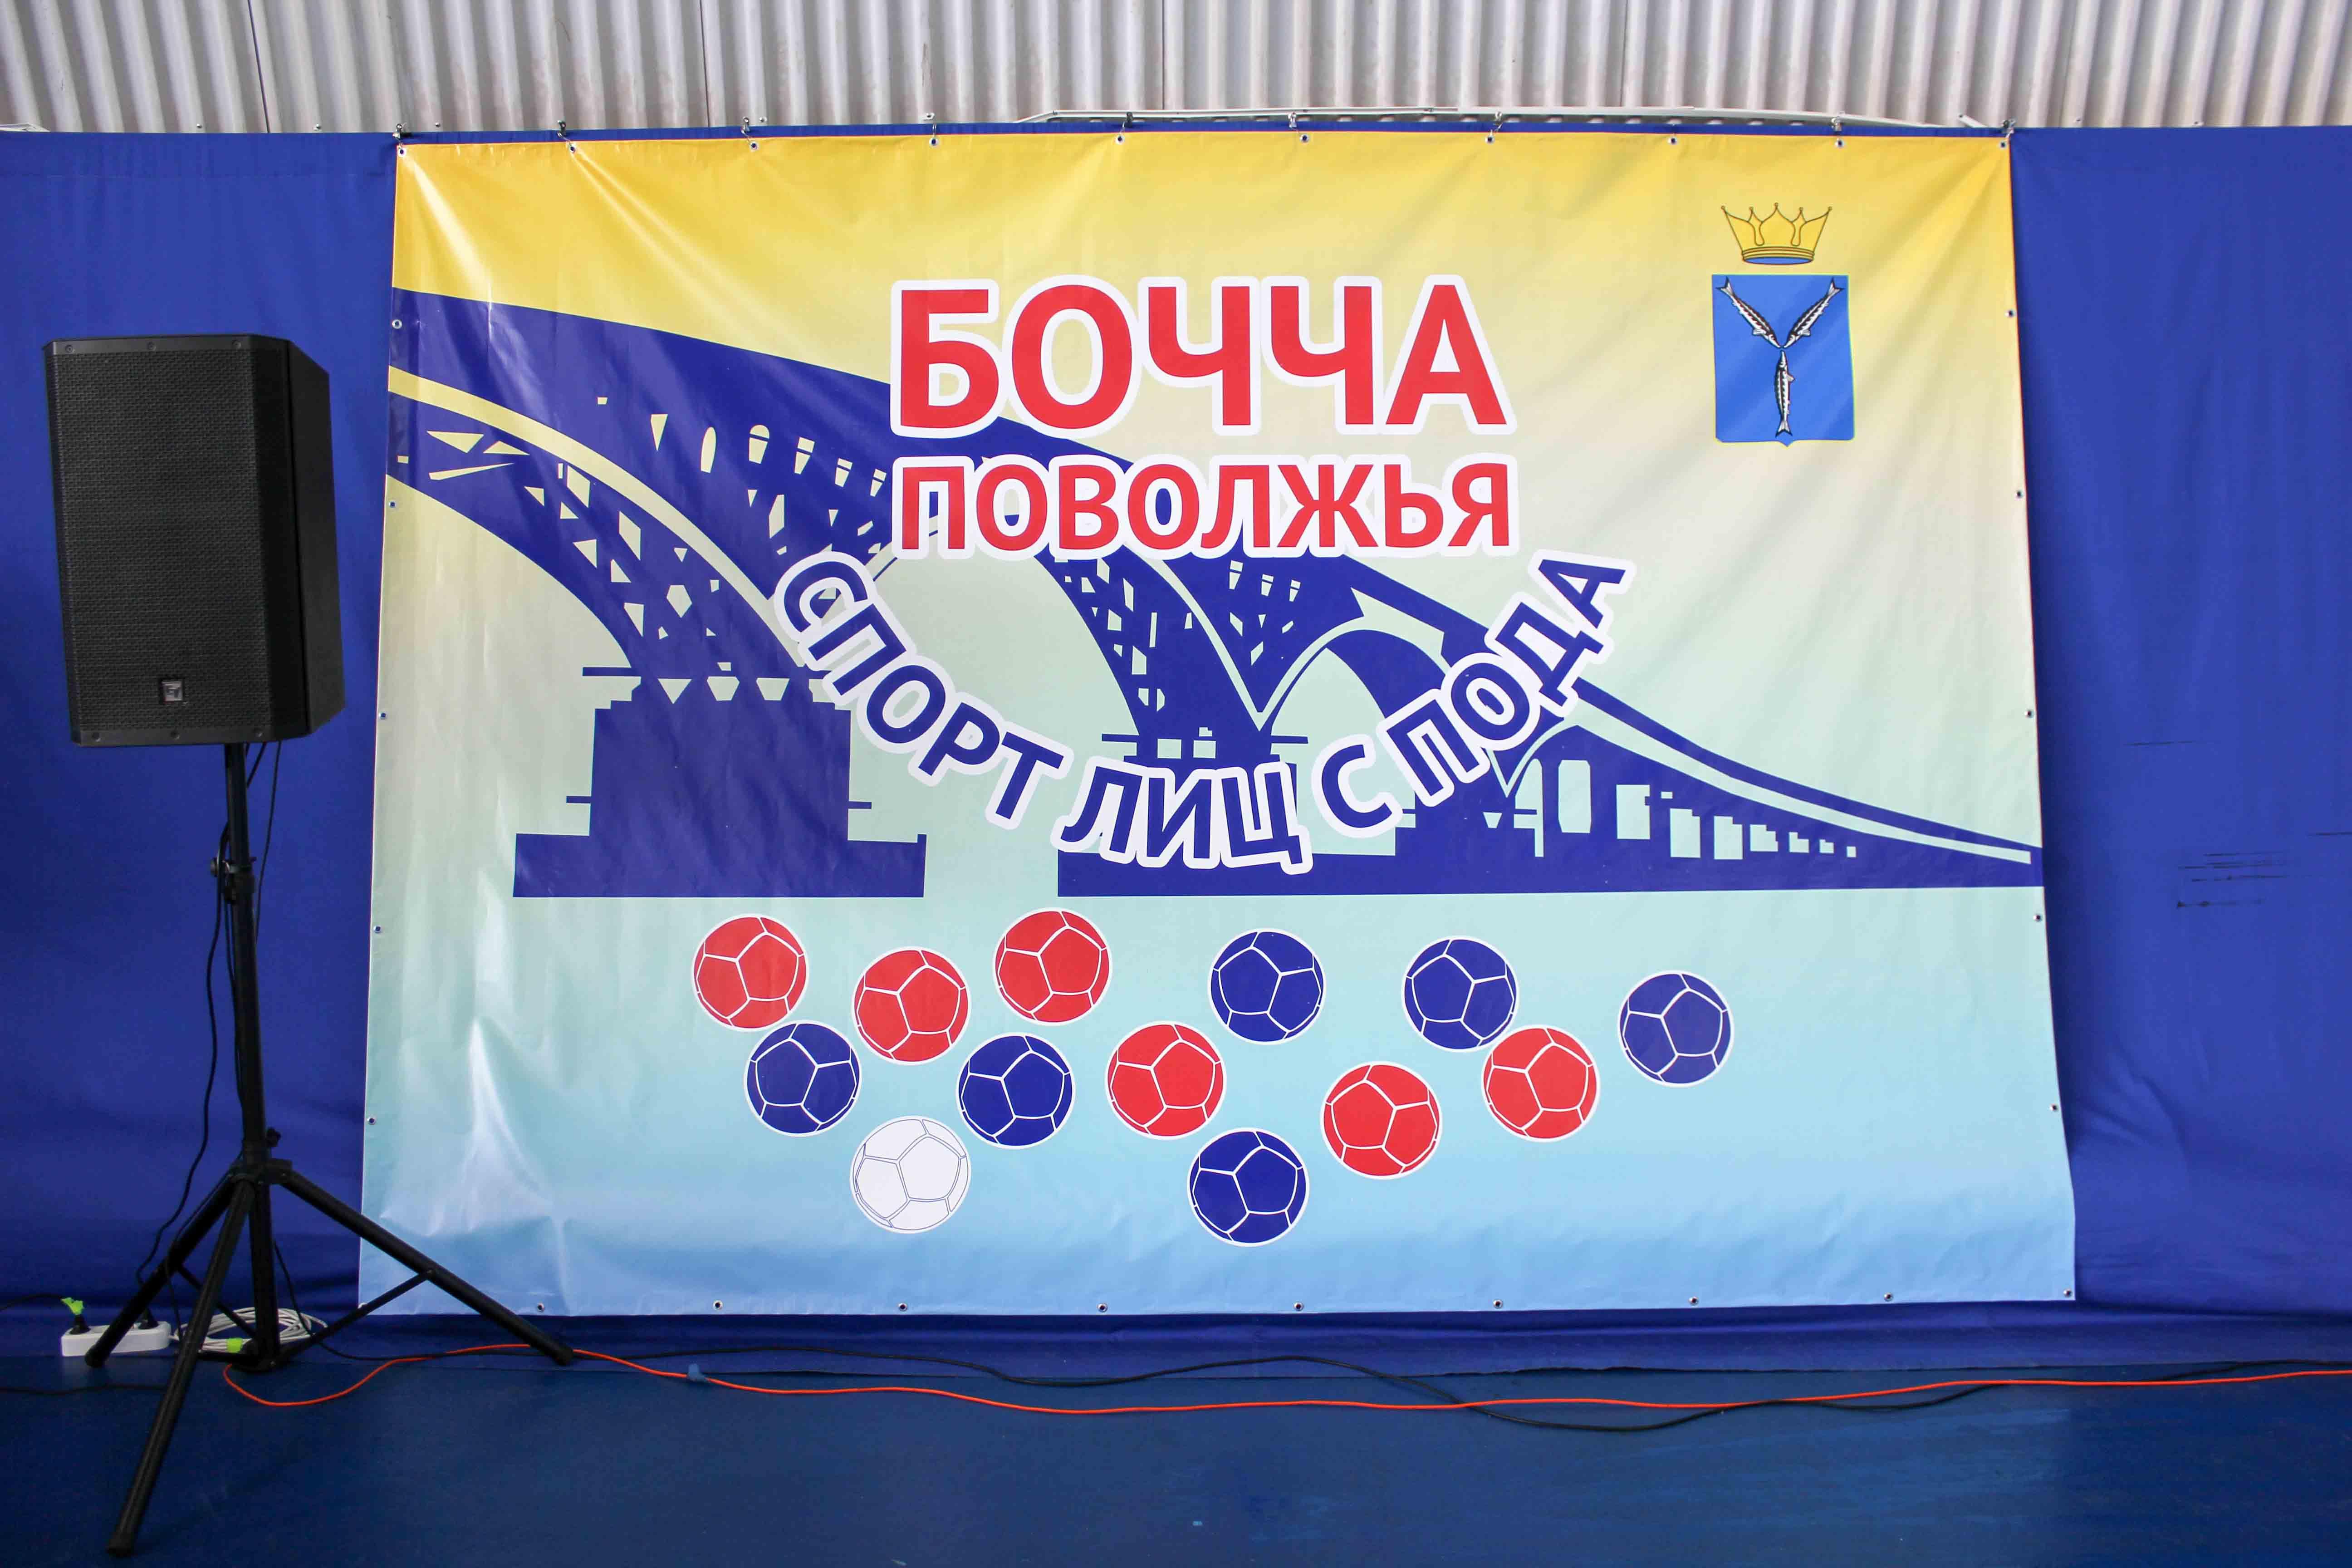 Коллективы ДК «Россия» открыли торжественное мероприятие Чемпионат Поволжья по бочче